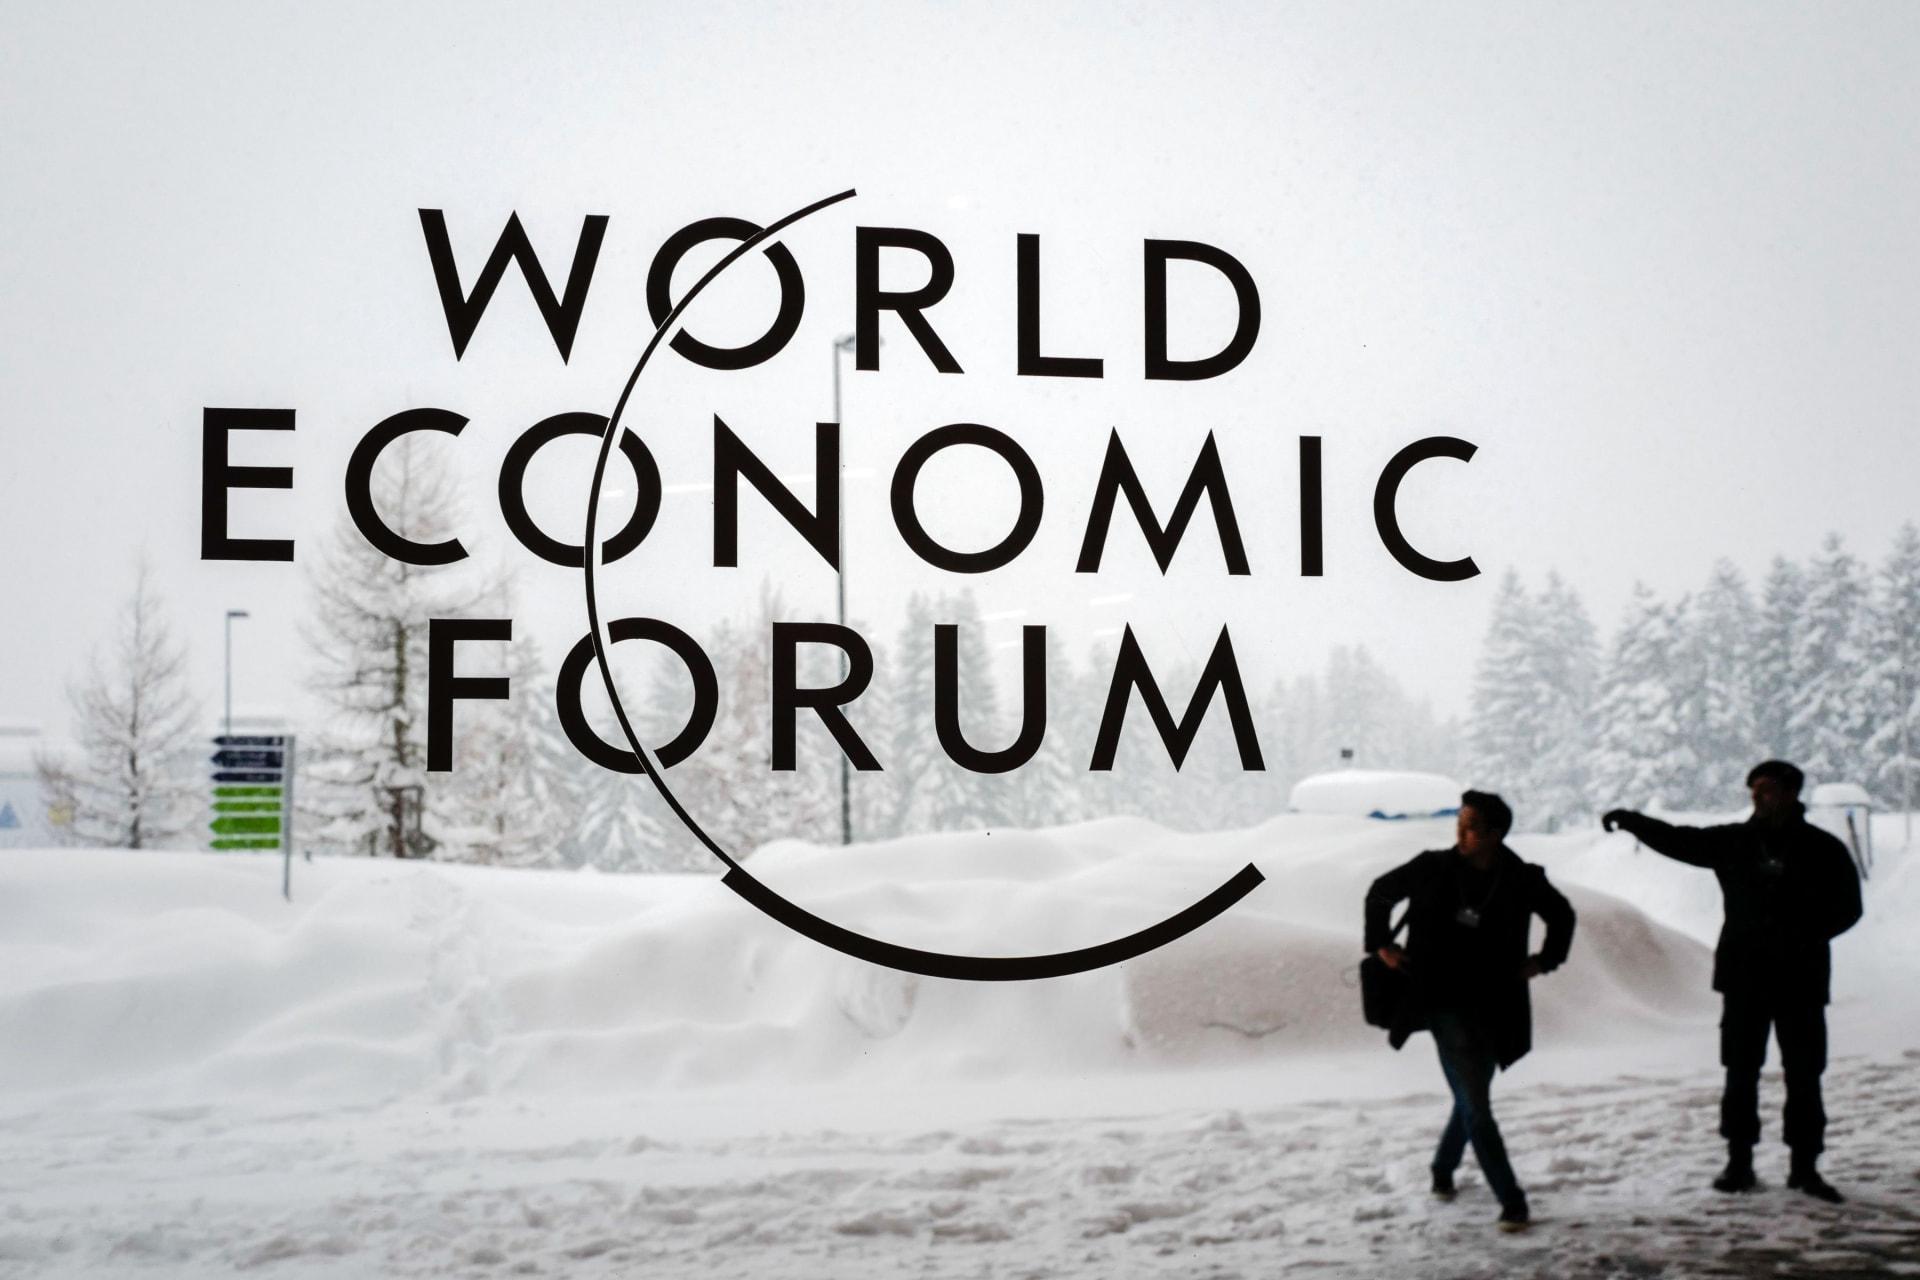 المنتدى الاقتصادي العالمي يؤكد استمرارية دورته في العام 2021